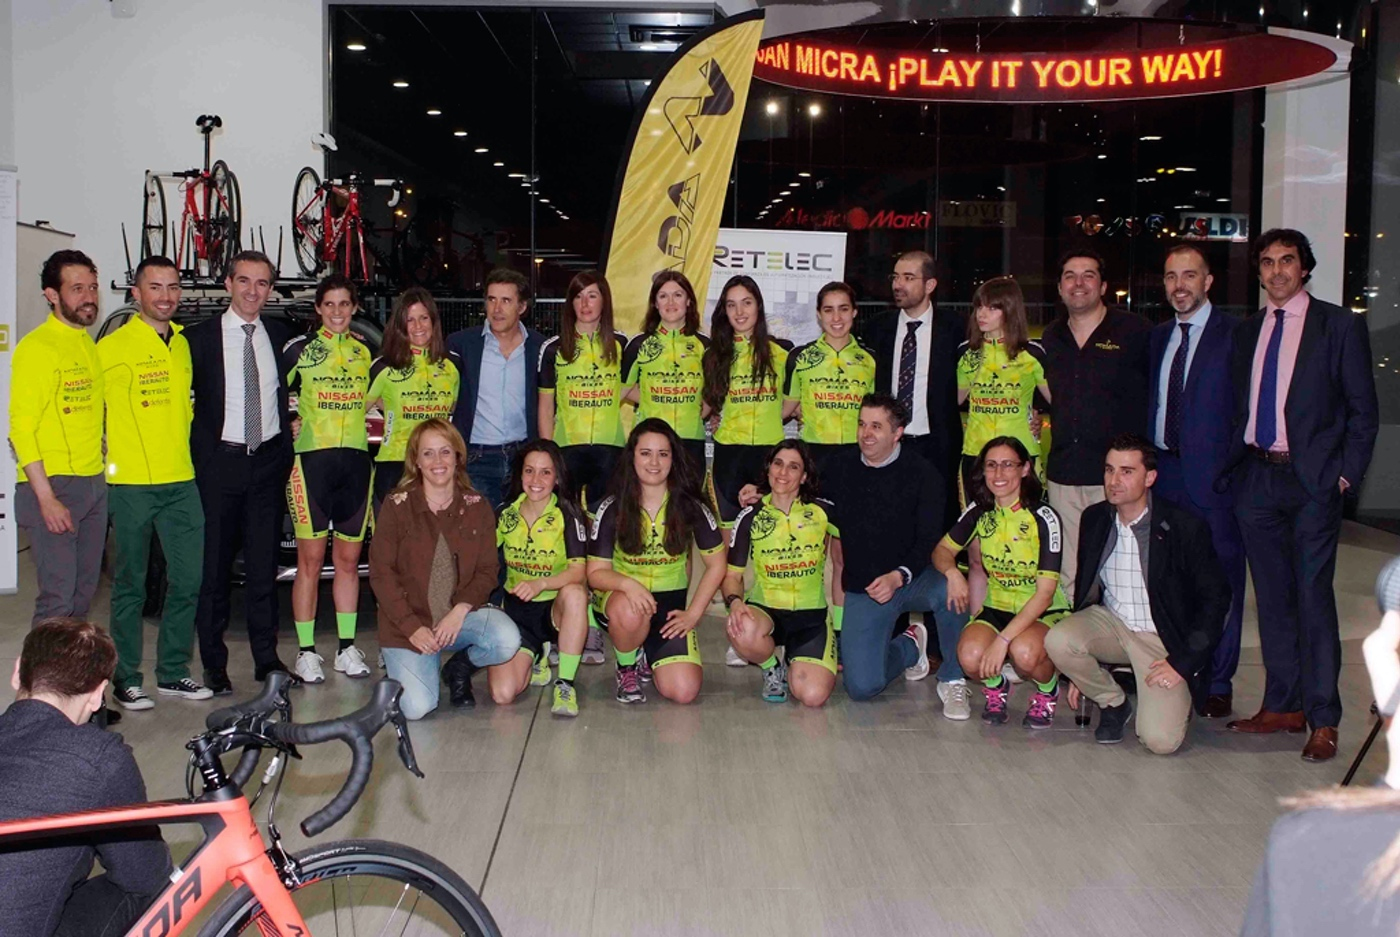 El equipo de ciclismo femenino Nómada Nissan-Iberauto Retelec se presenta en el Día Internacional de la mujer